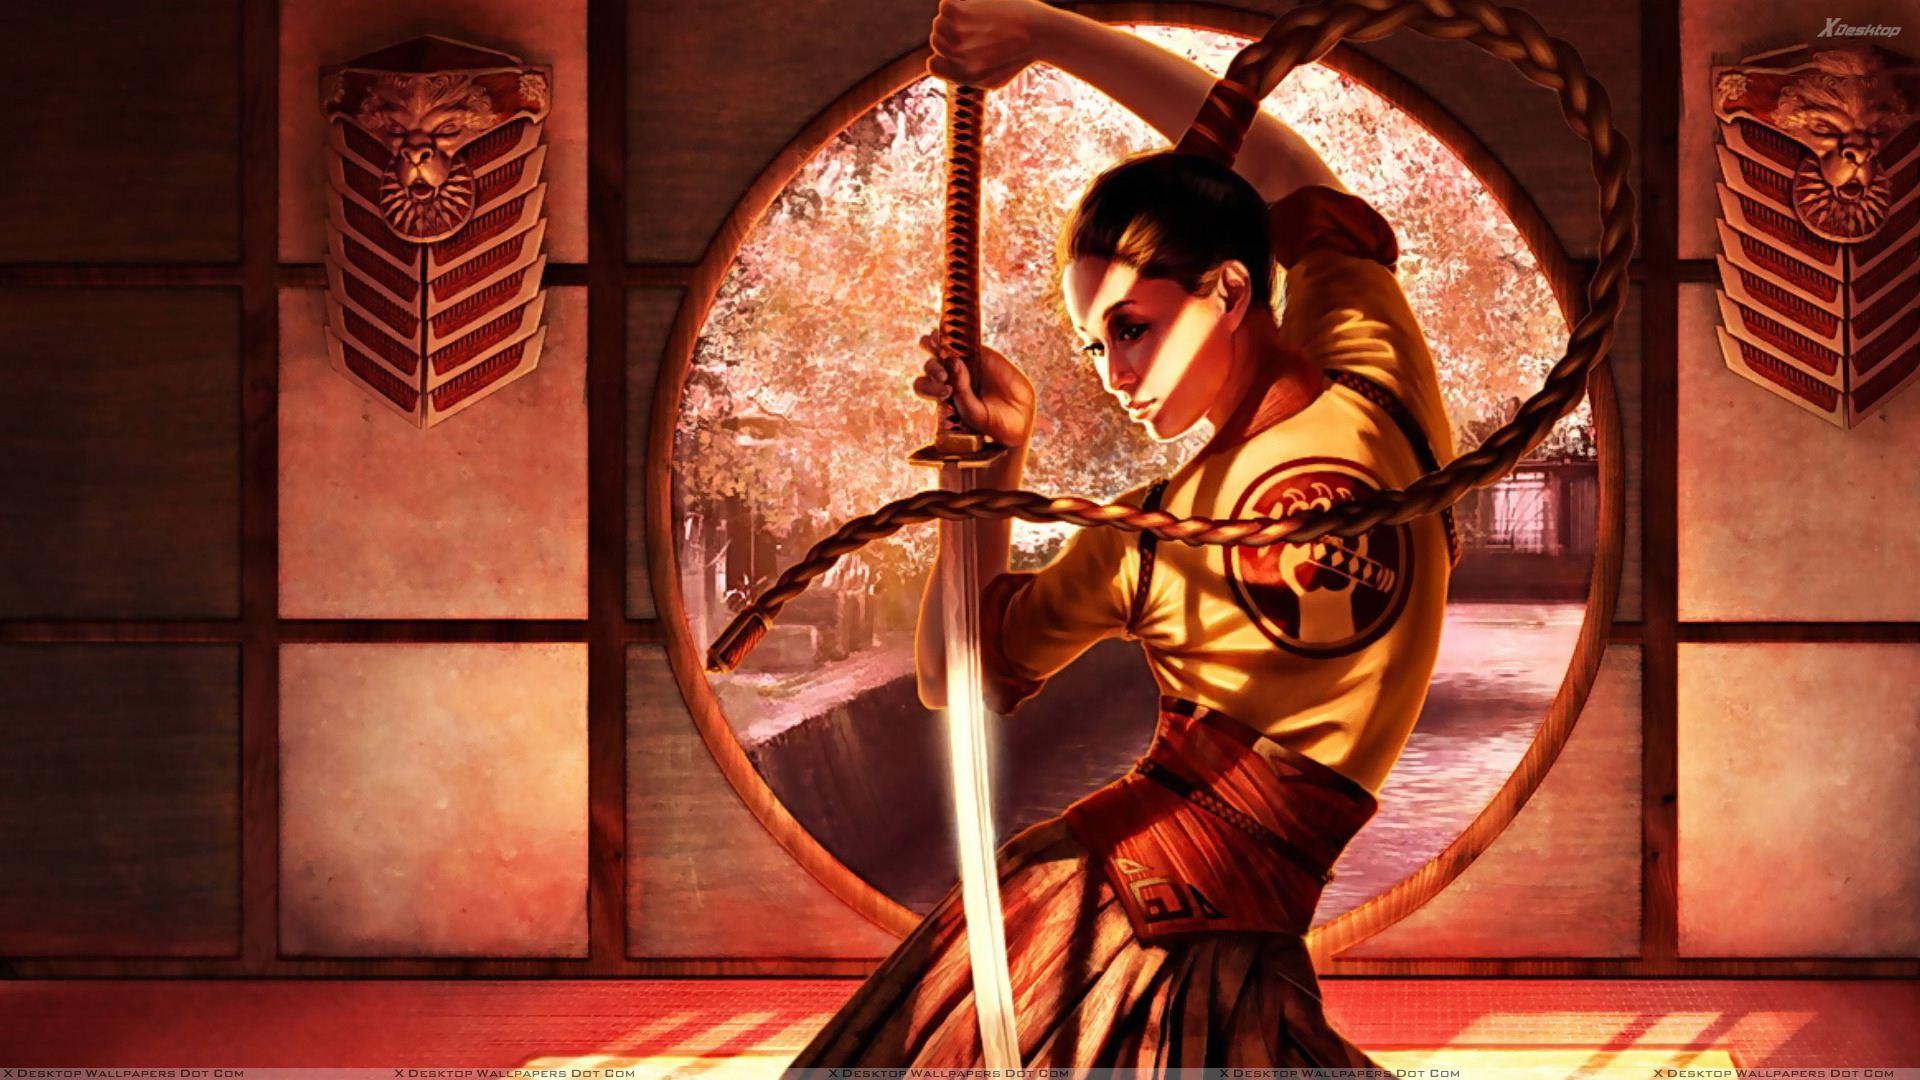 Samurai Girl Sword In Hand 1920x1080